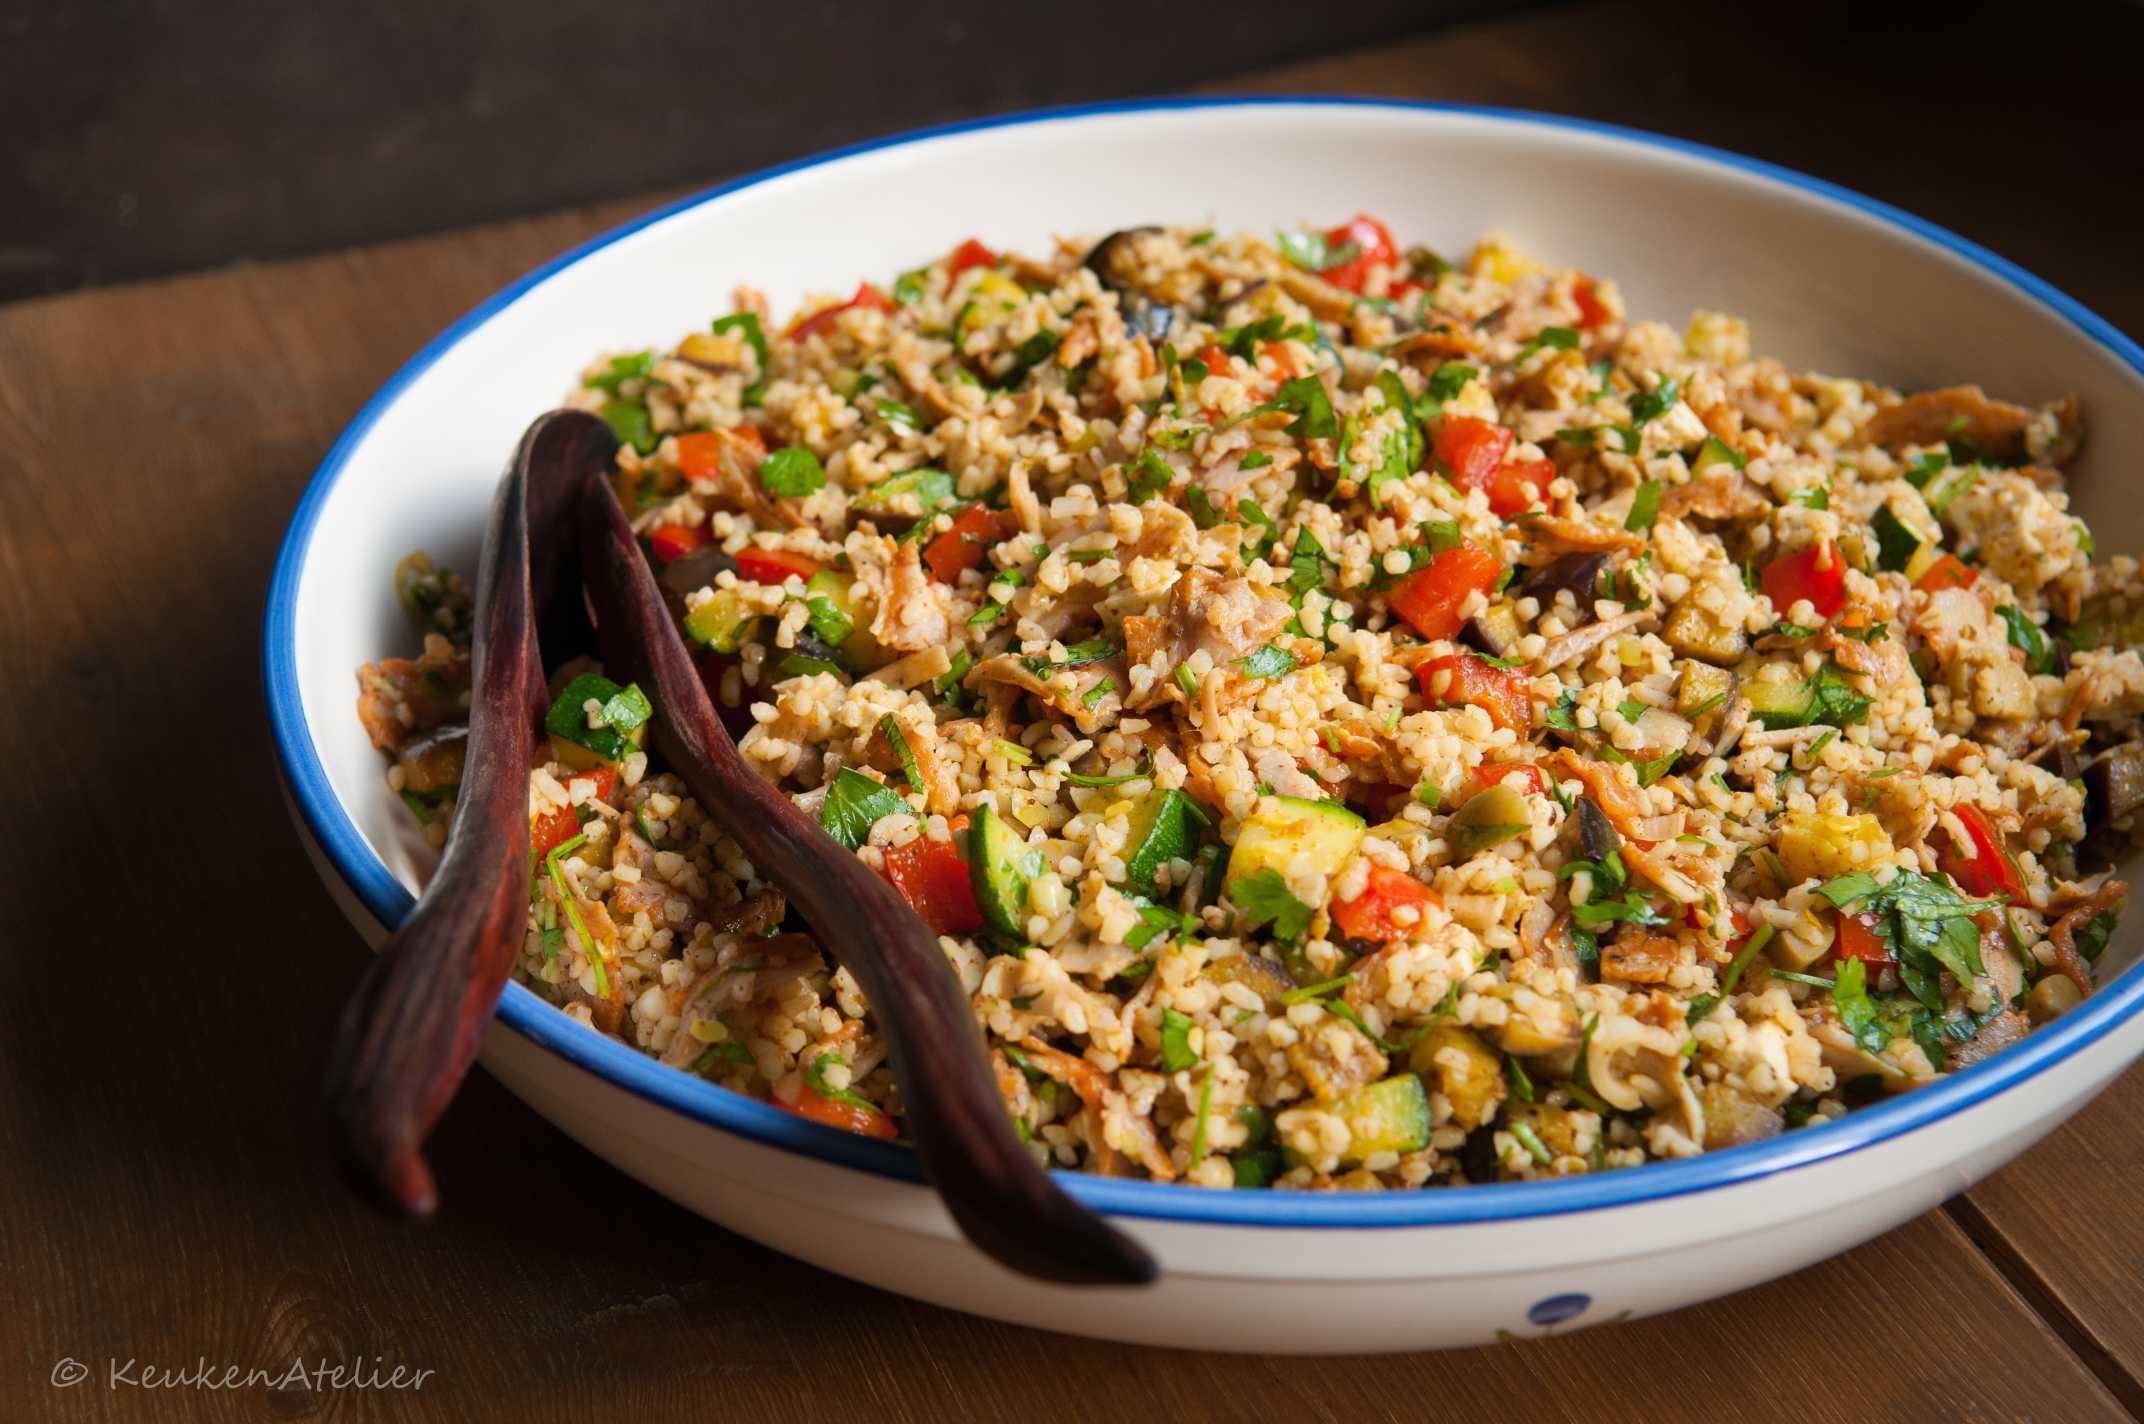 Bulgur salade met ras el hanout 1 | KeukenAtelier